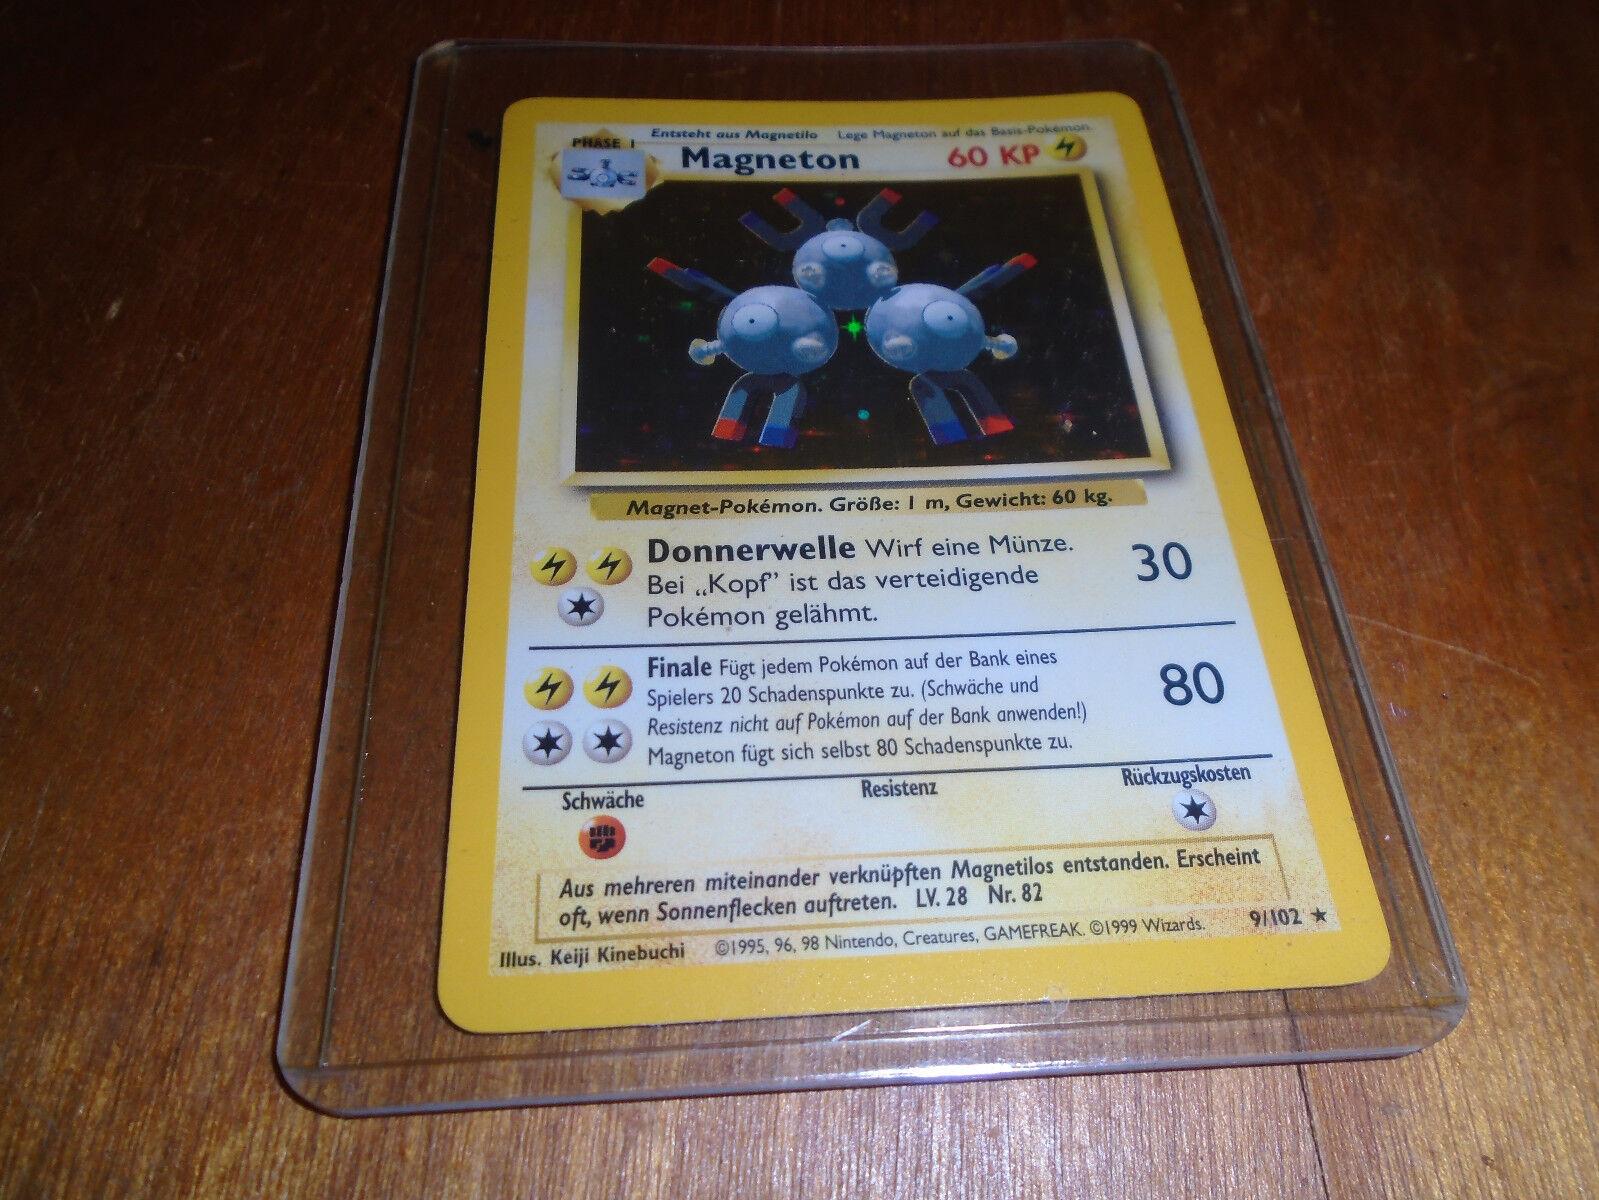 Pokémon magneton 1. ausgabe deutsche basis - satz holofoil karte nie gespielt   9.